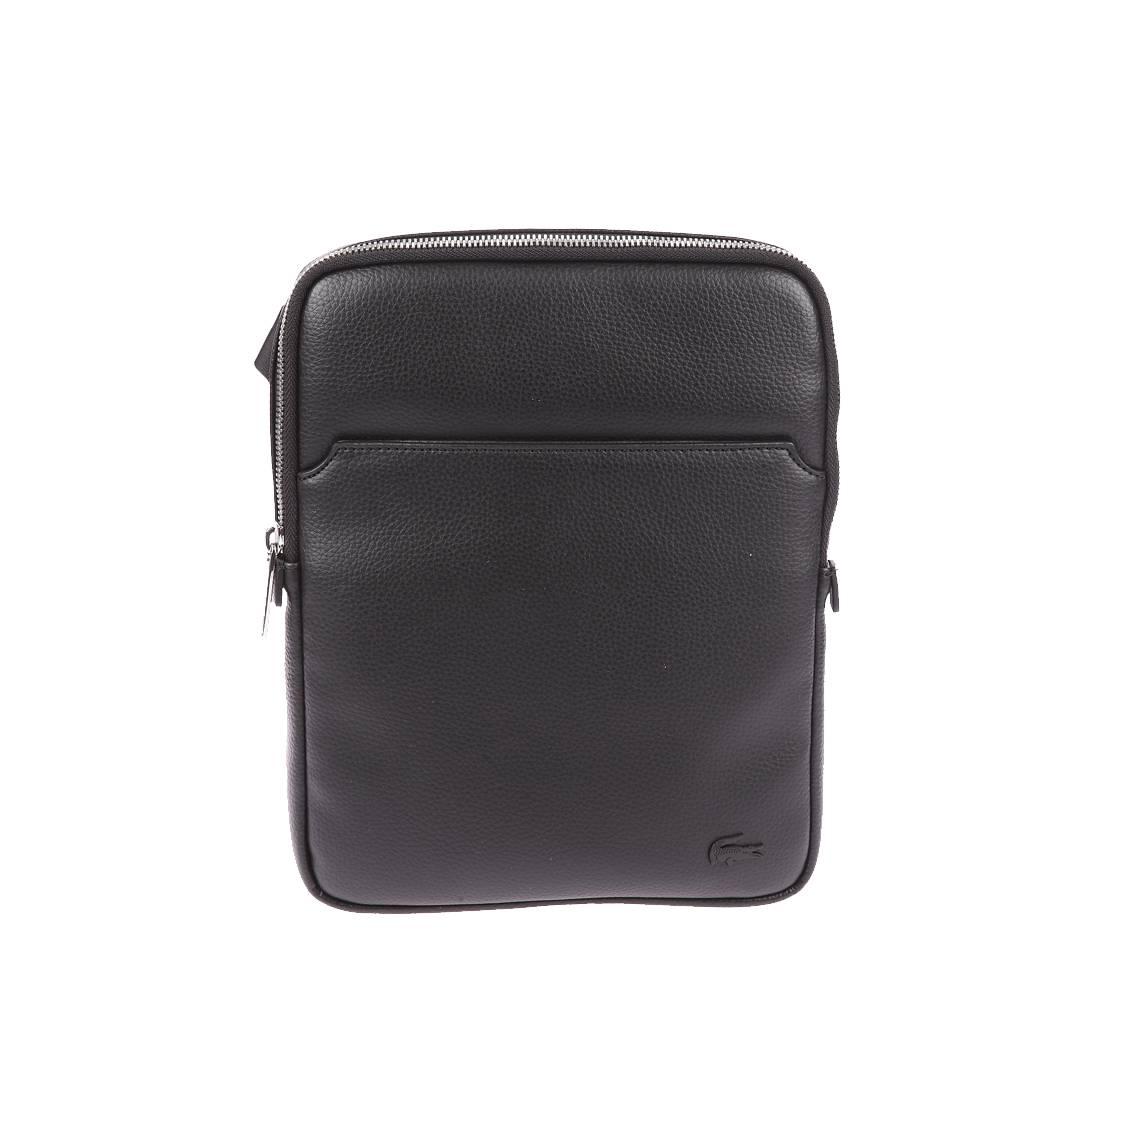 Sacoche plate Lacoste en simili cuir texturé noir   Rue Des Hommes 17a74351081e